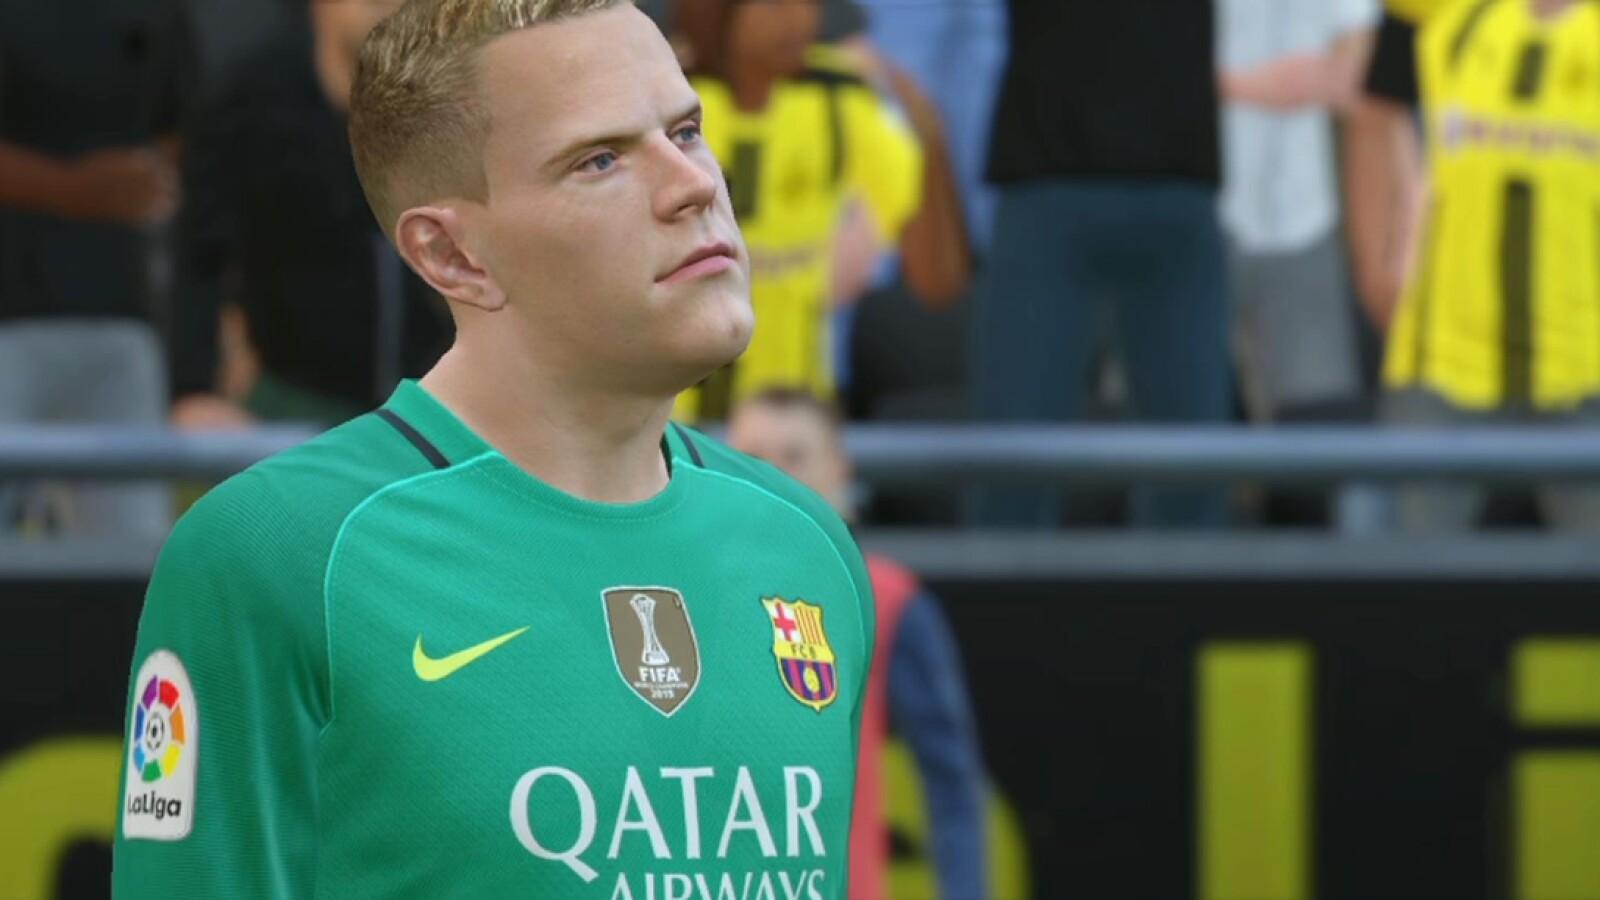 Fifa 17 Lsungen Fr Die Hufigsten Probleme Mit Dem Ea Spiel Sony Ps4 Game Netzwelt